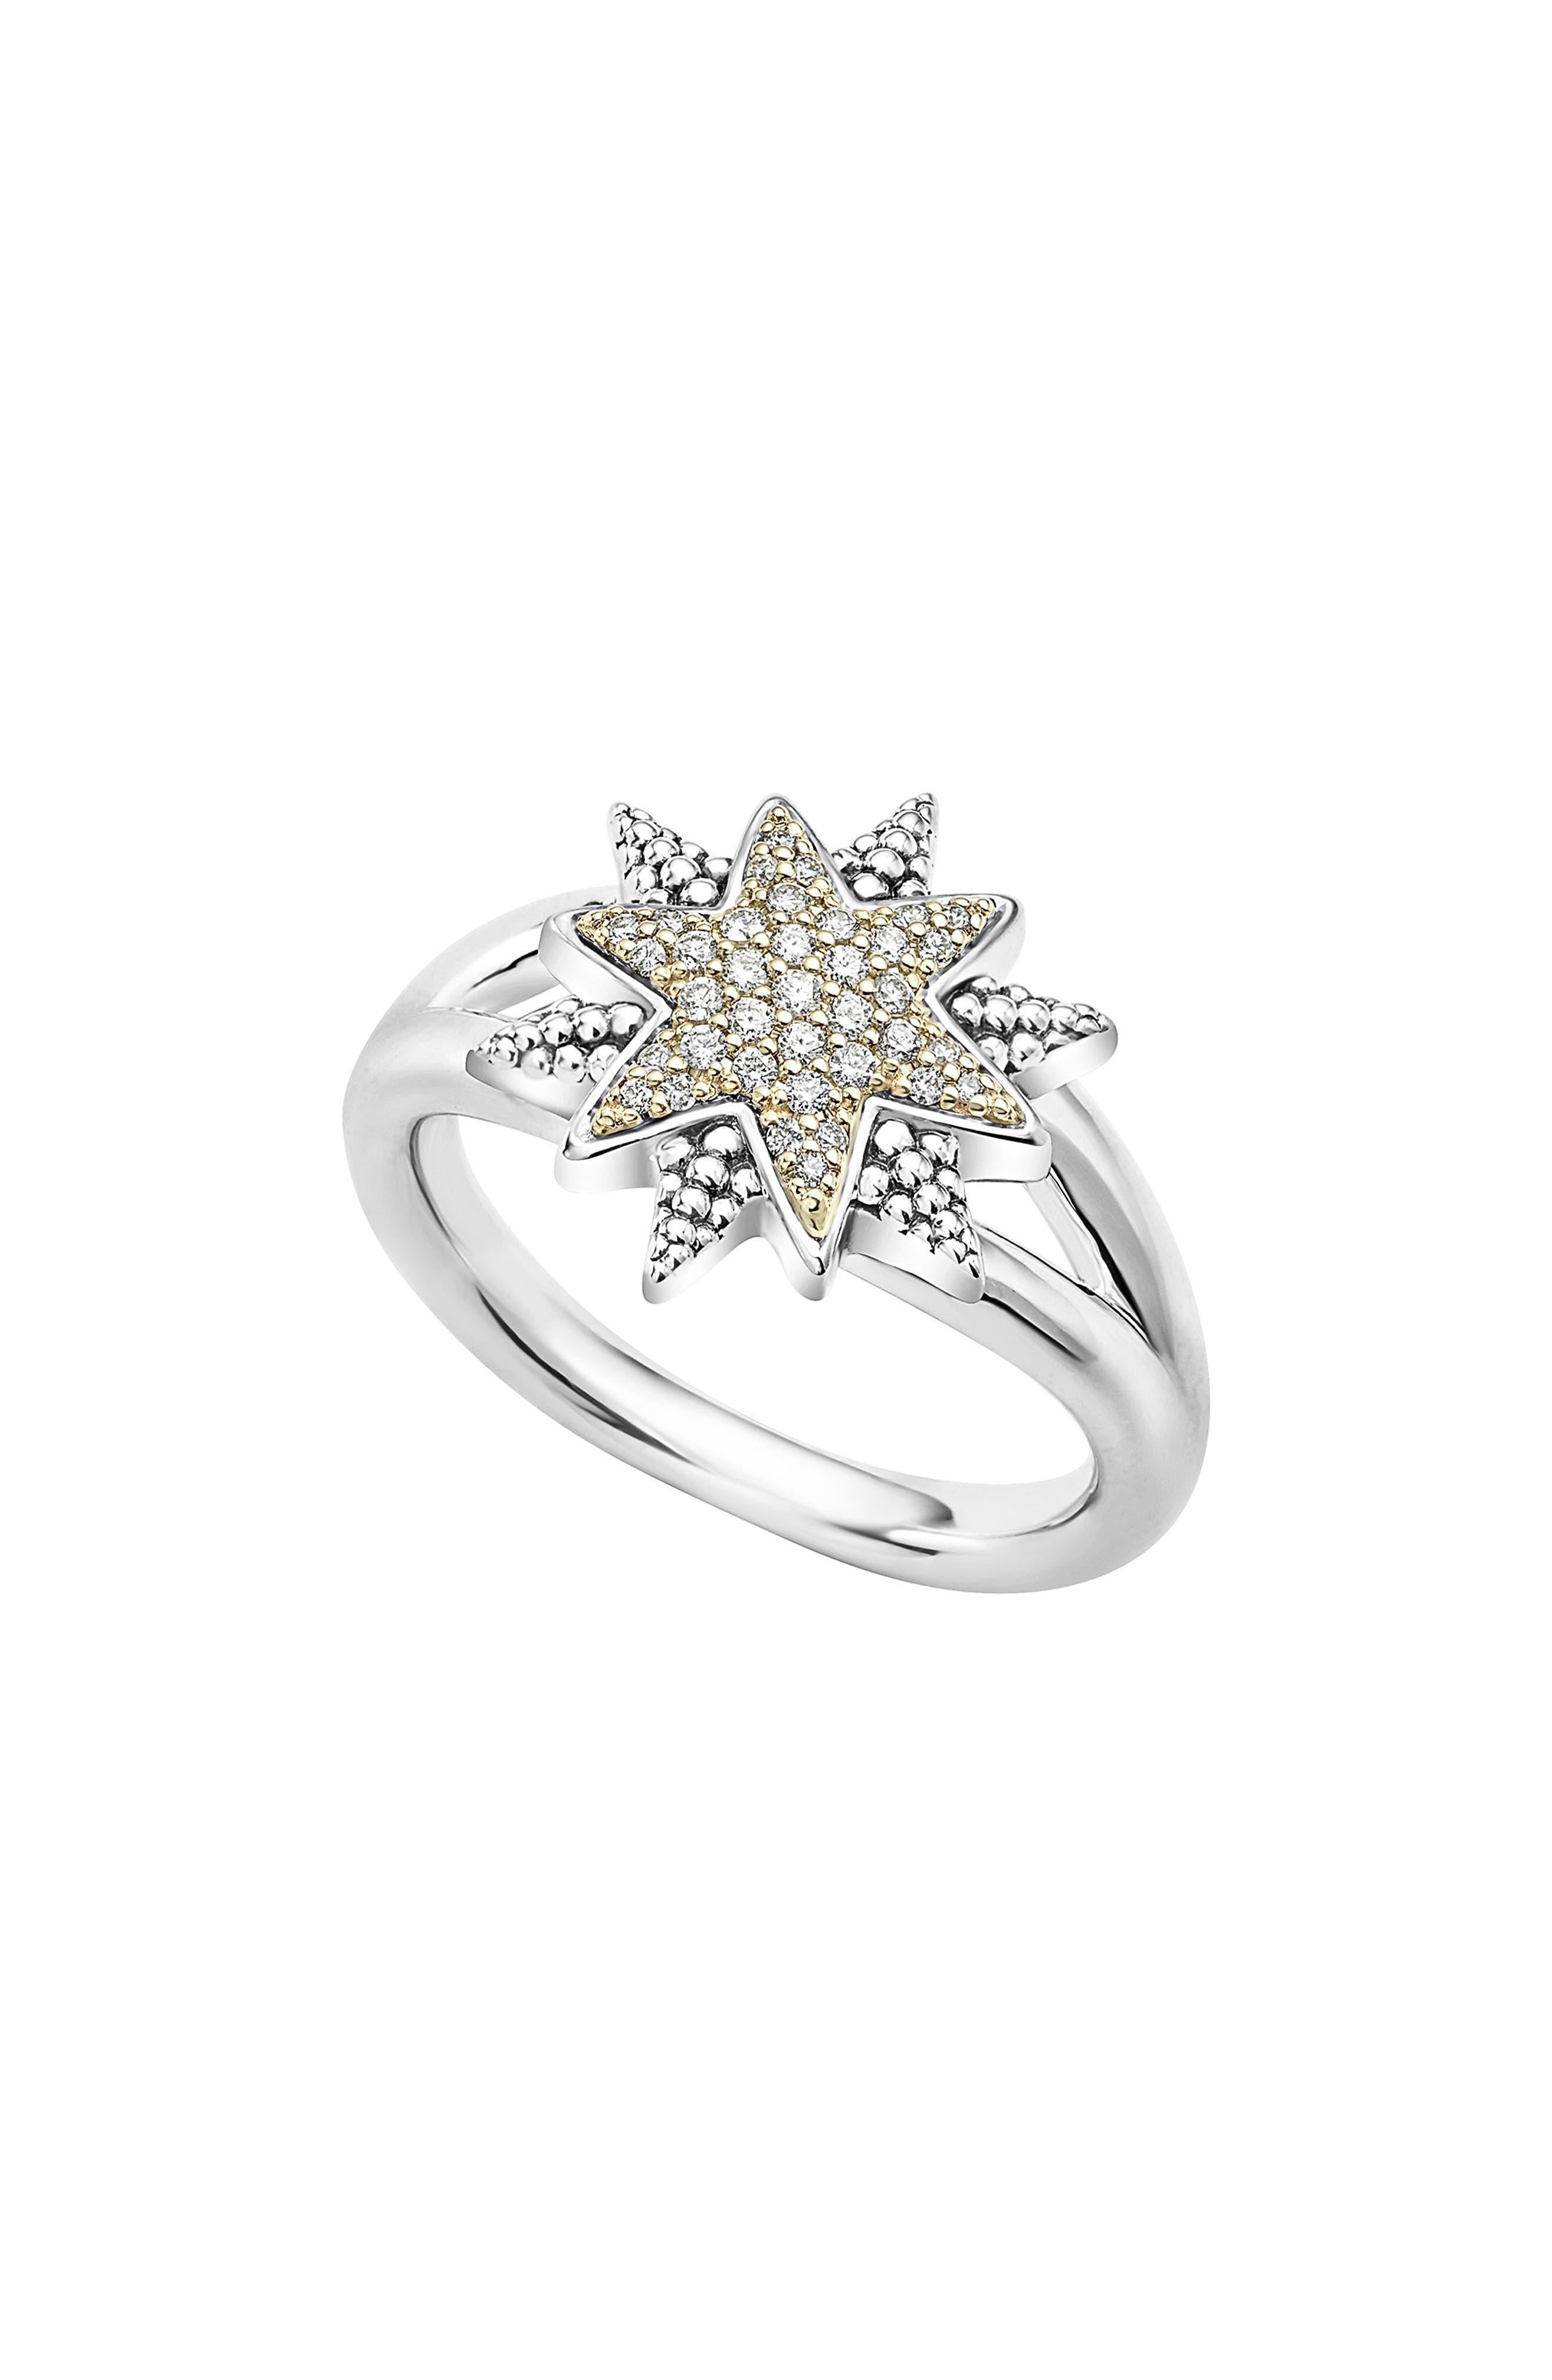 North Star Ring,                             Main thumbnail 1, color,                             Diamond